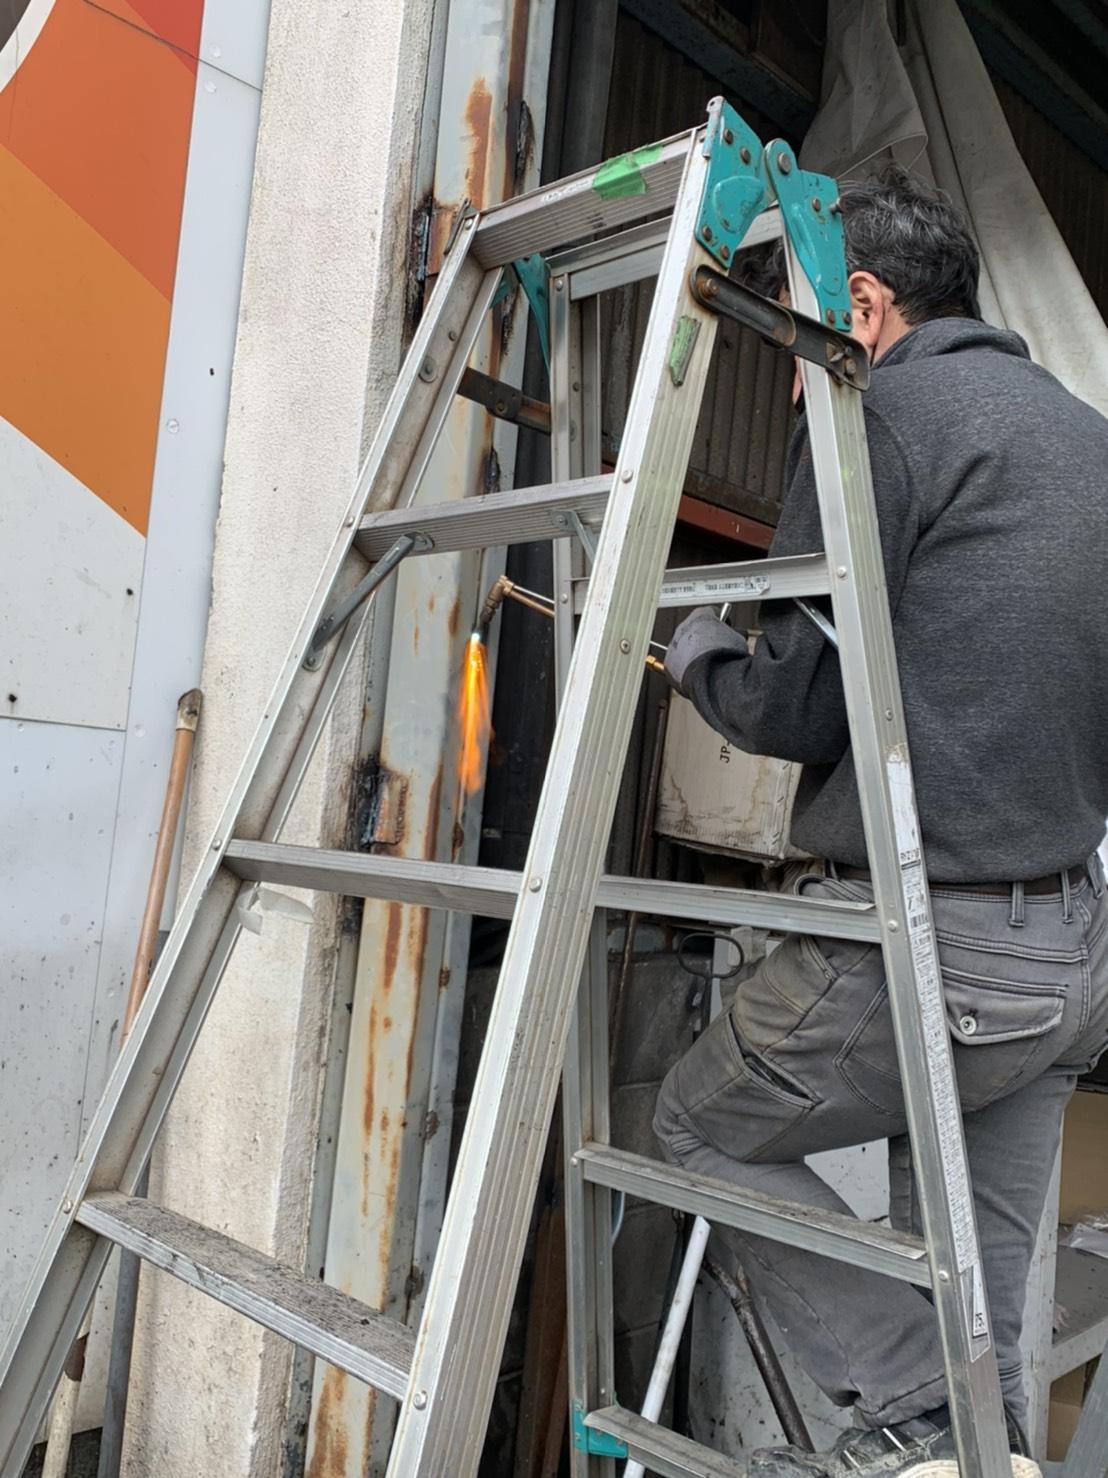 愛知県豊明市の工場にて、重量シャッター解体工事を行いました。【窓香房】